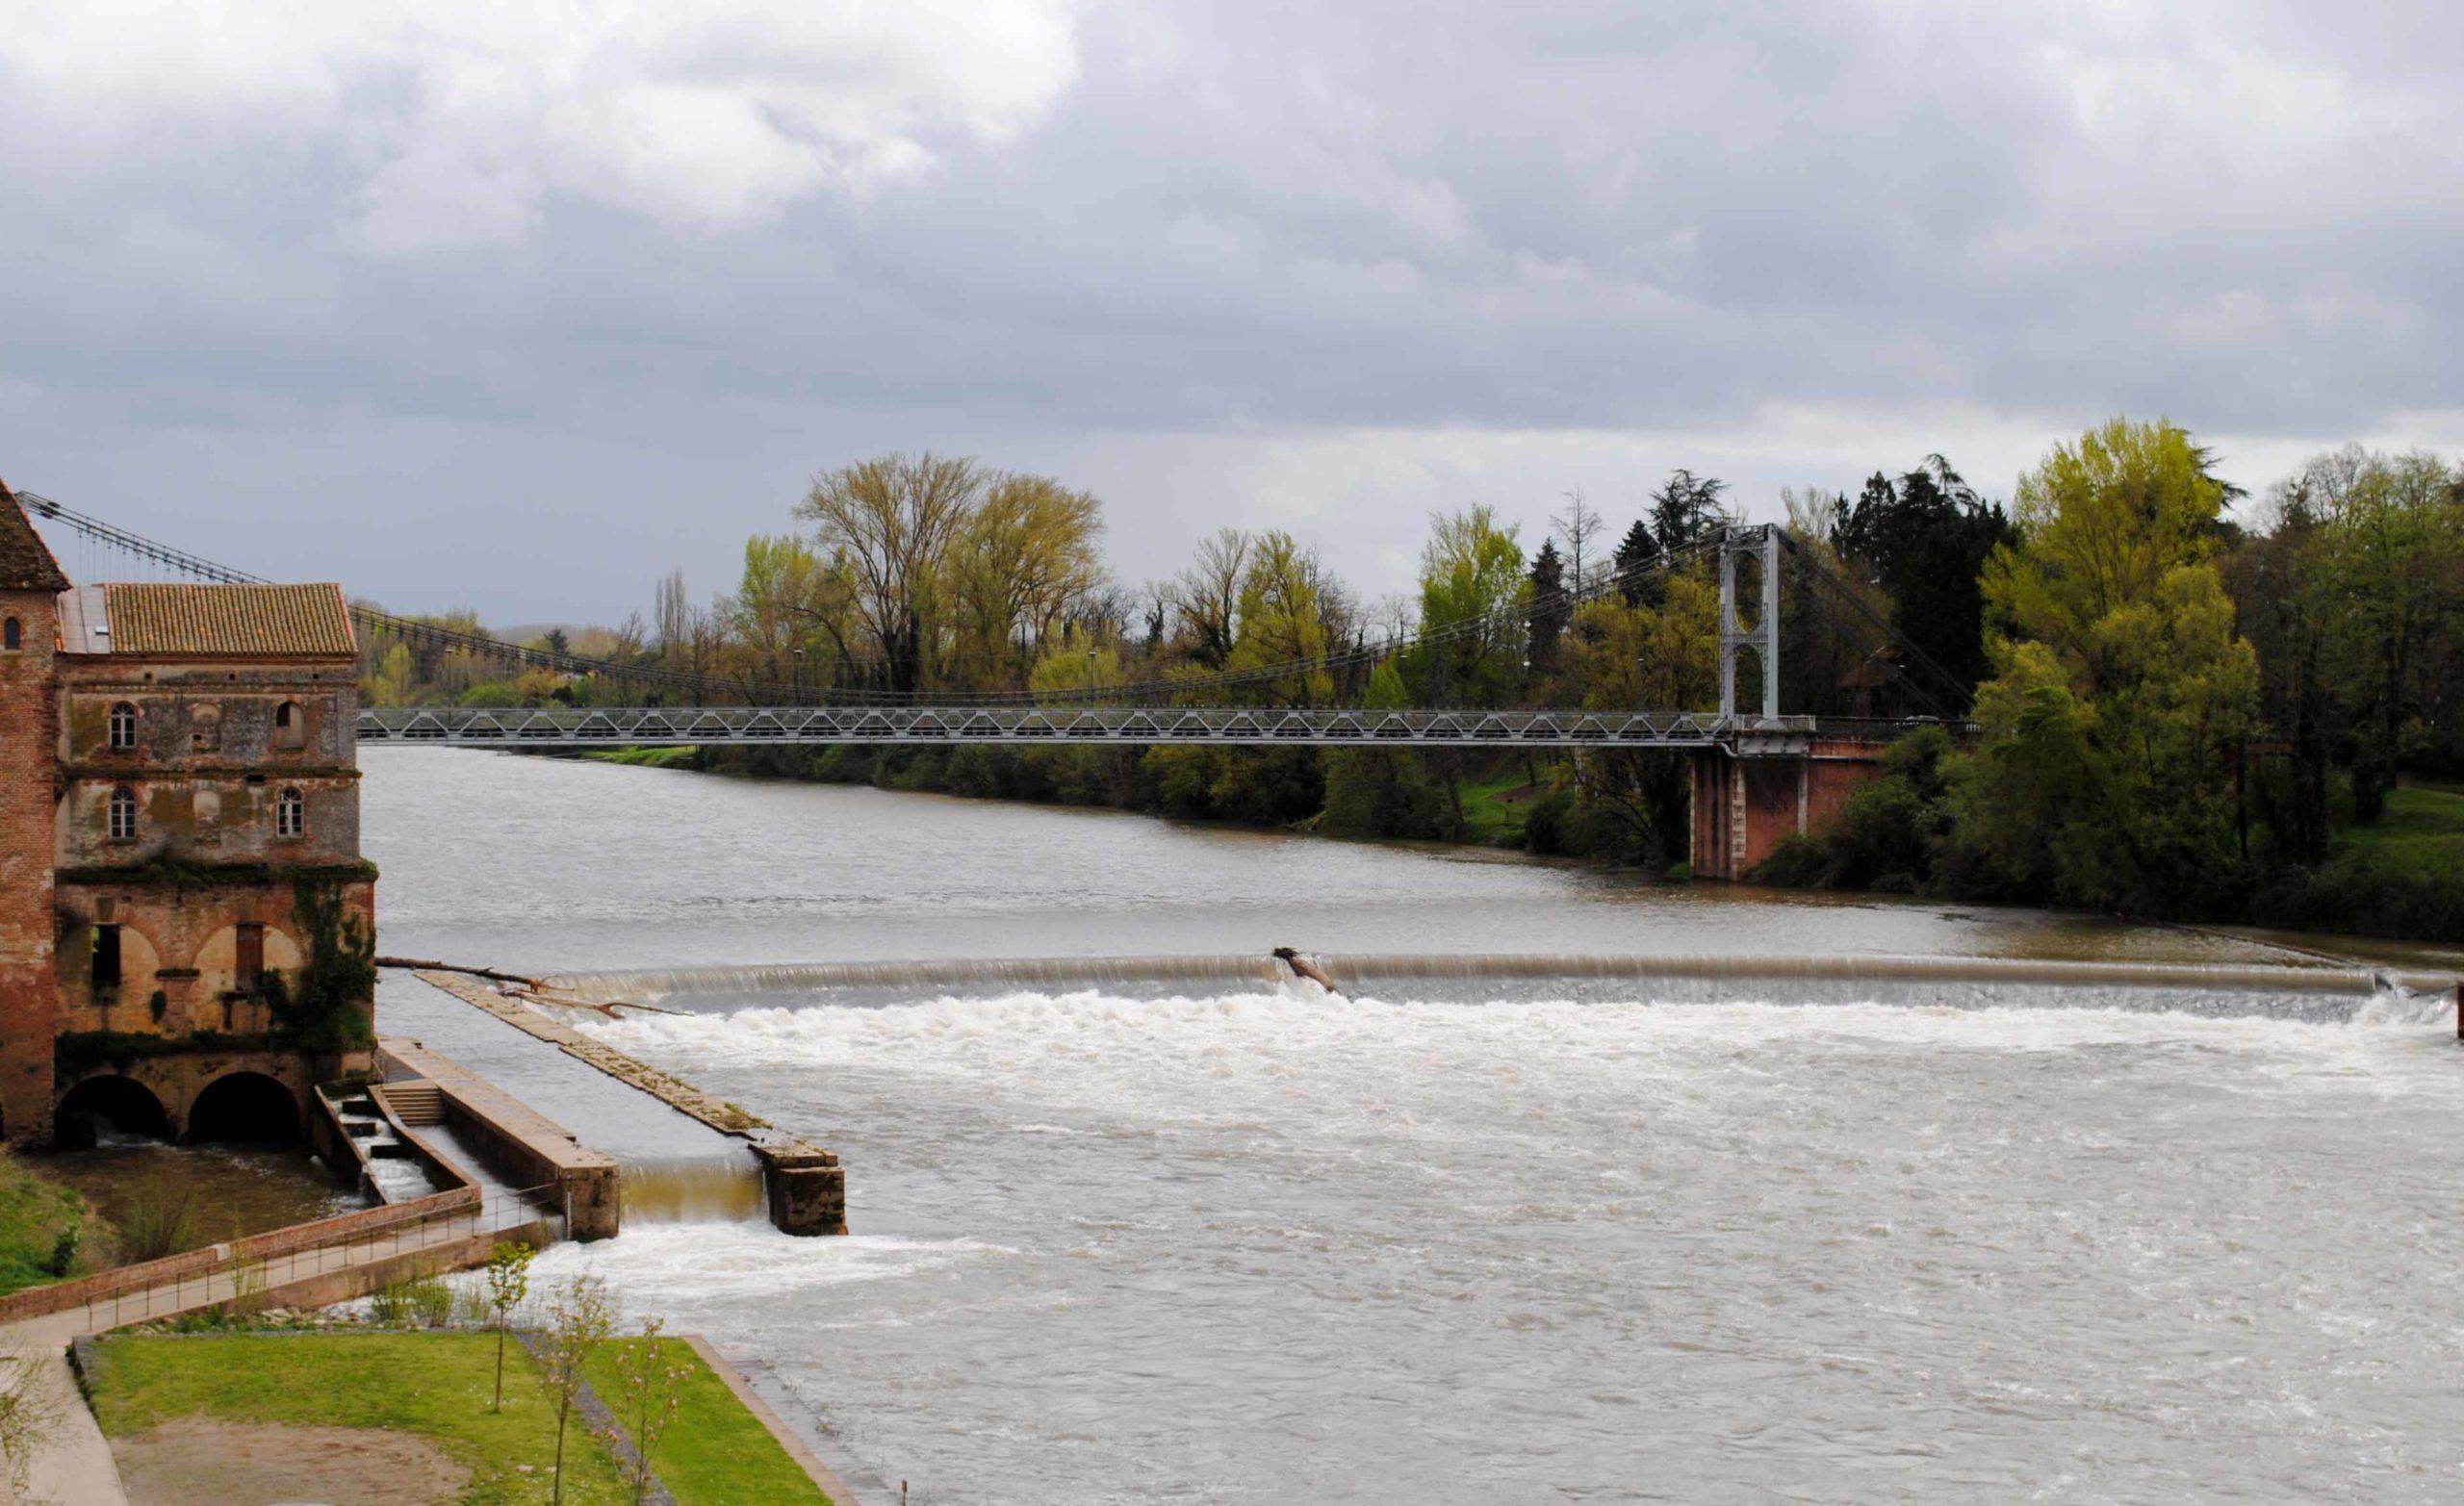 Limitation de l'accès au pont suspendu aux véhicules de 7,5 tonnes maximum: une mesure provisoire en application du principe de précaution